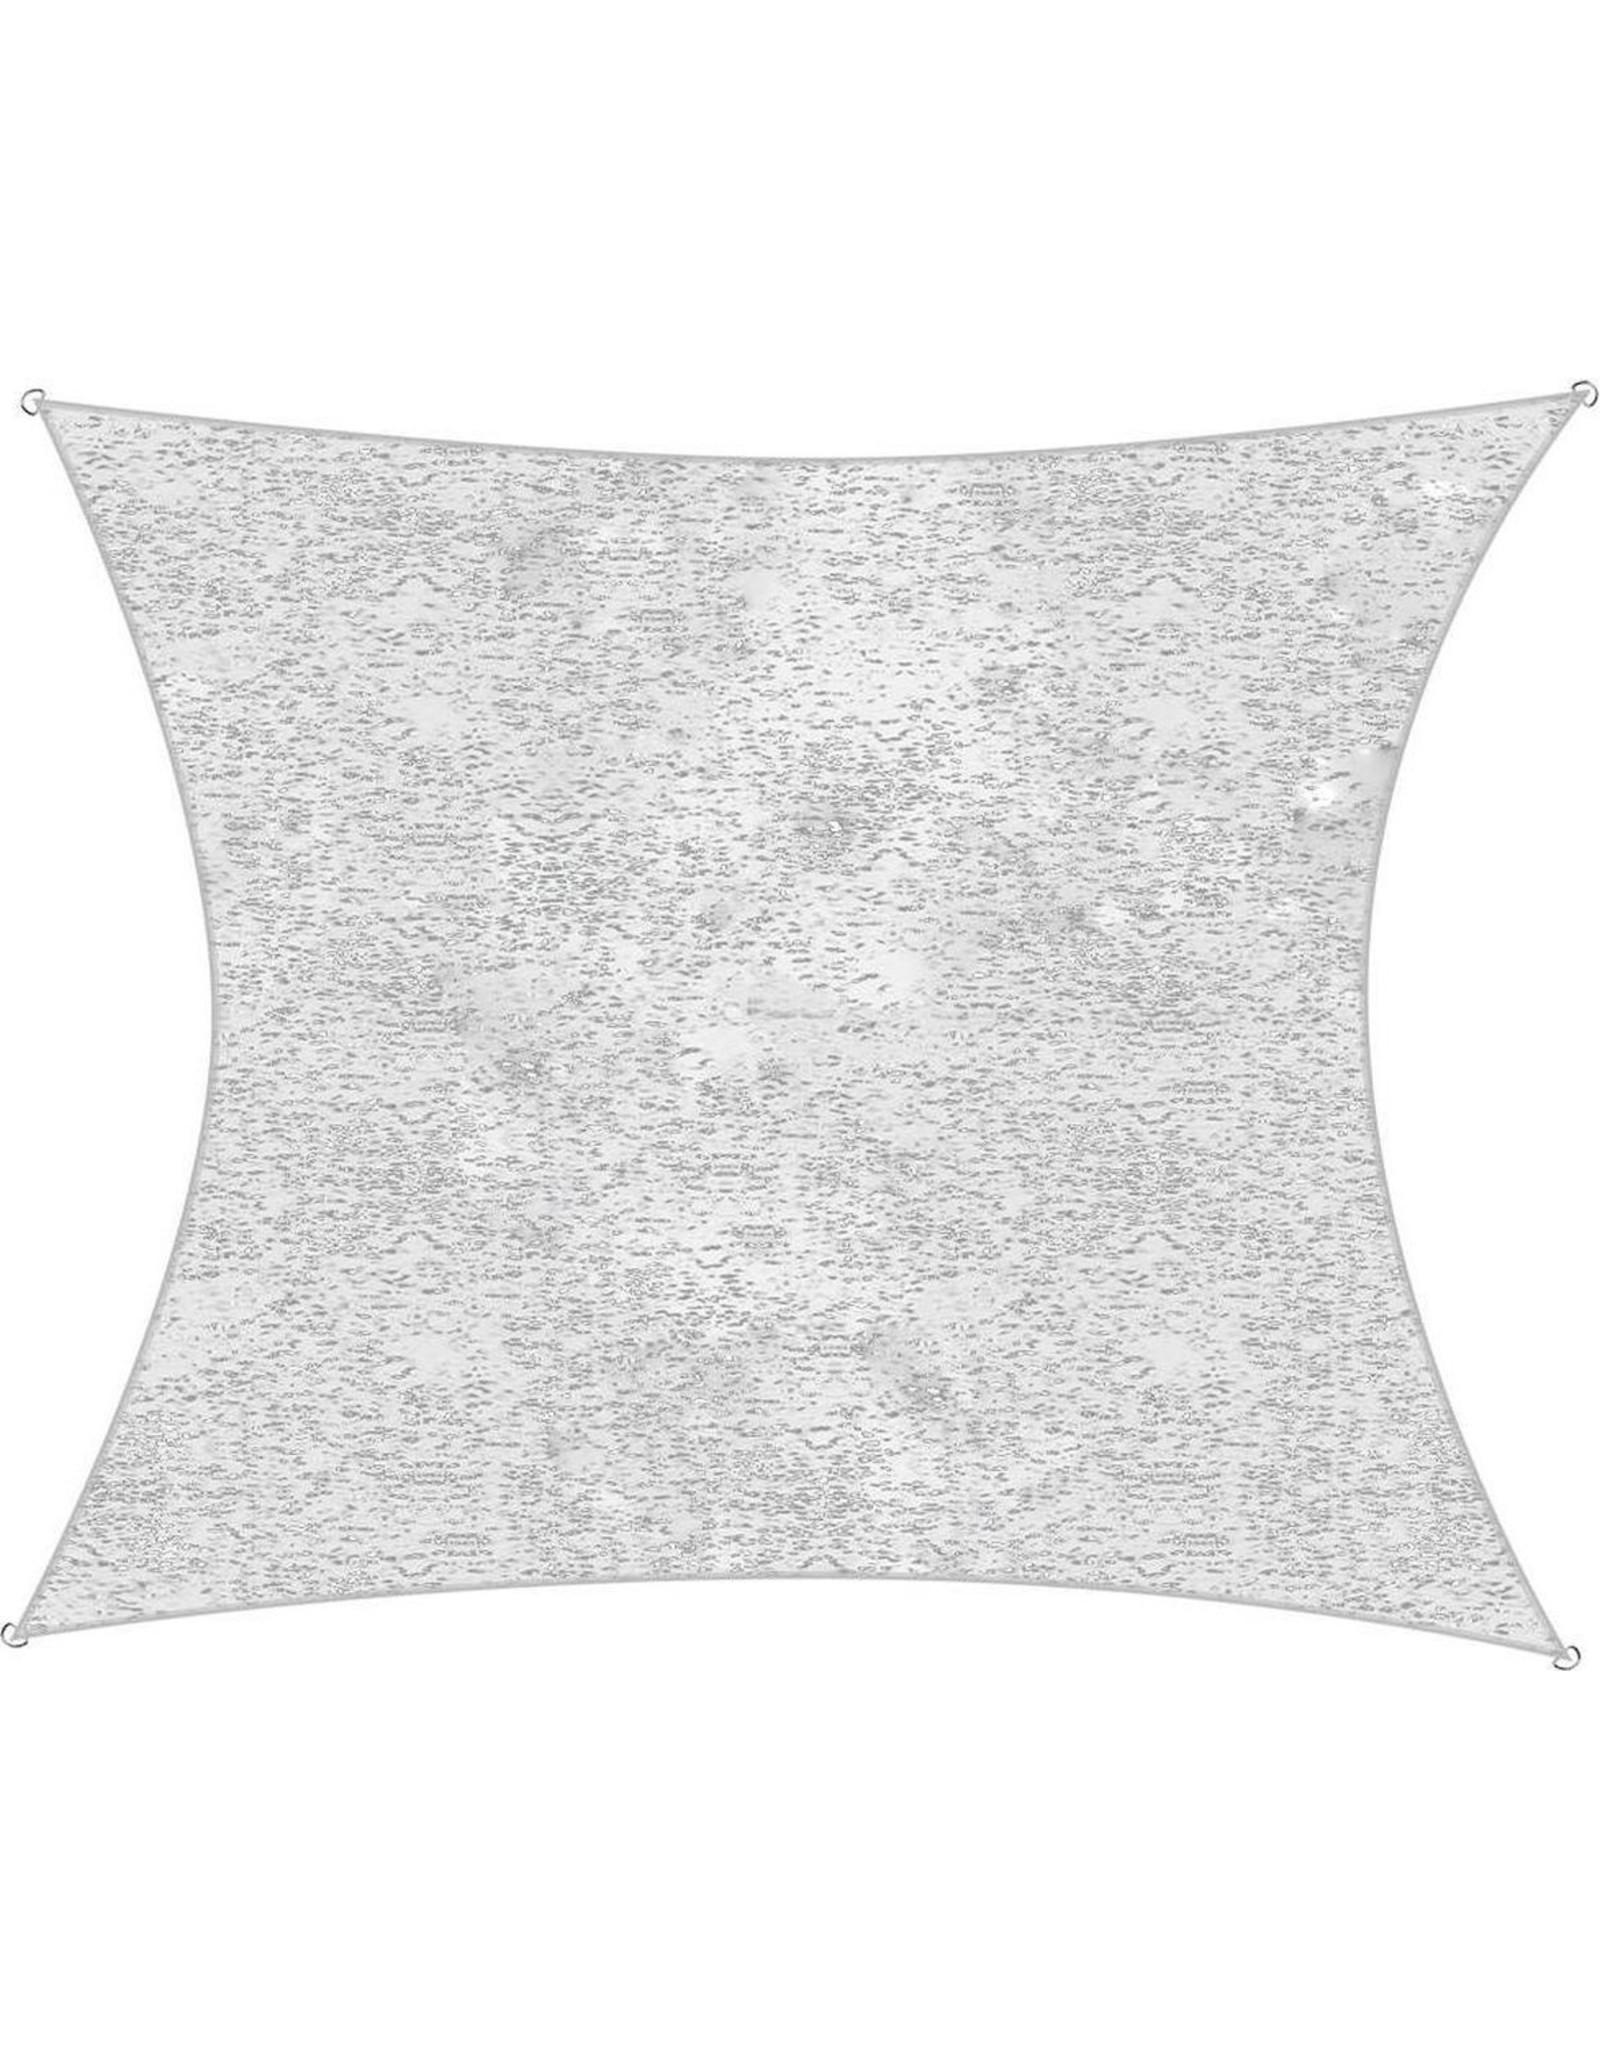 Camouflage schaduwdoek grijs 2 x 3 m